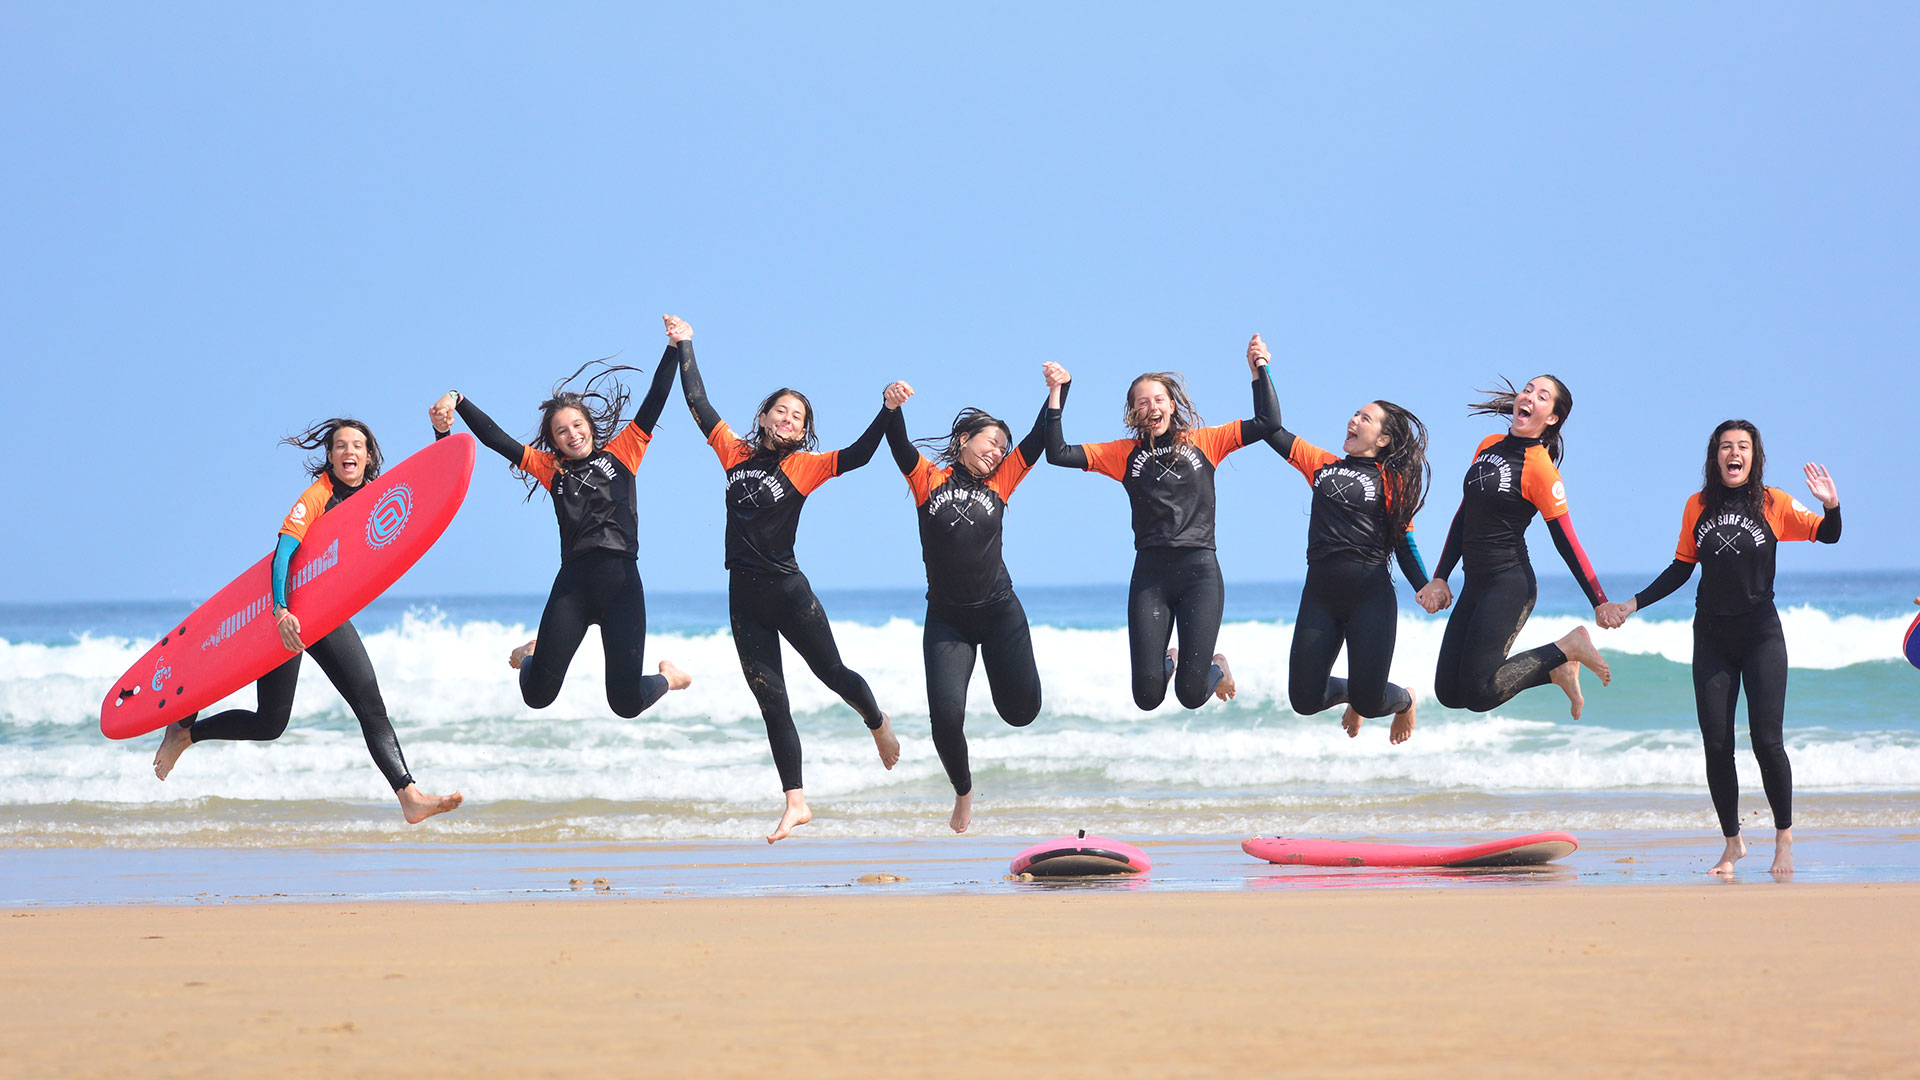 Surf camp julio (menores) promoción